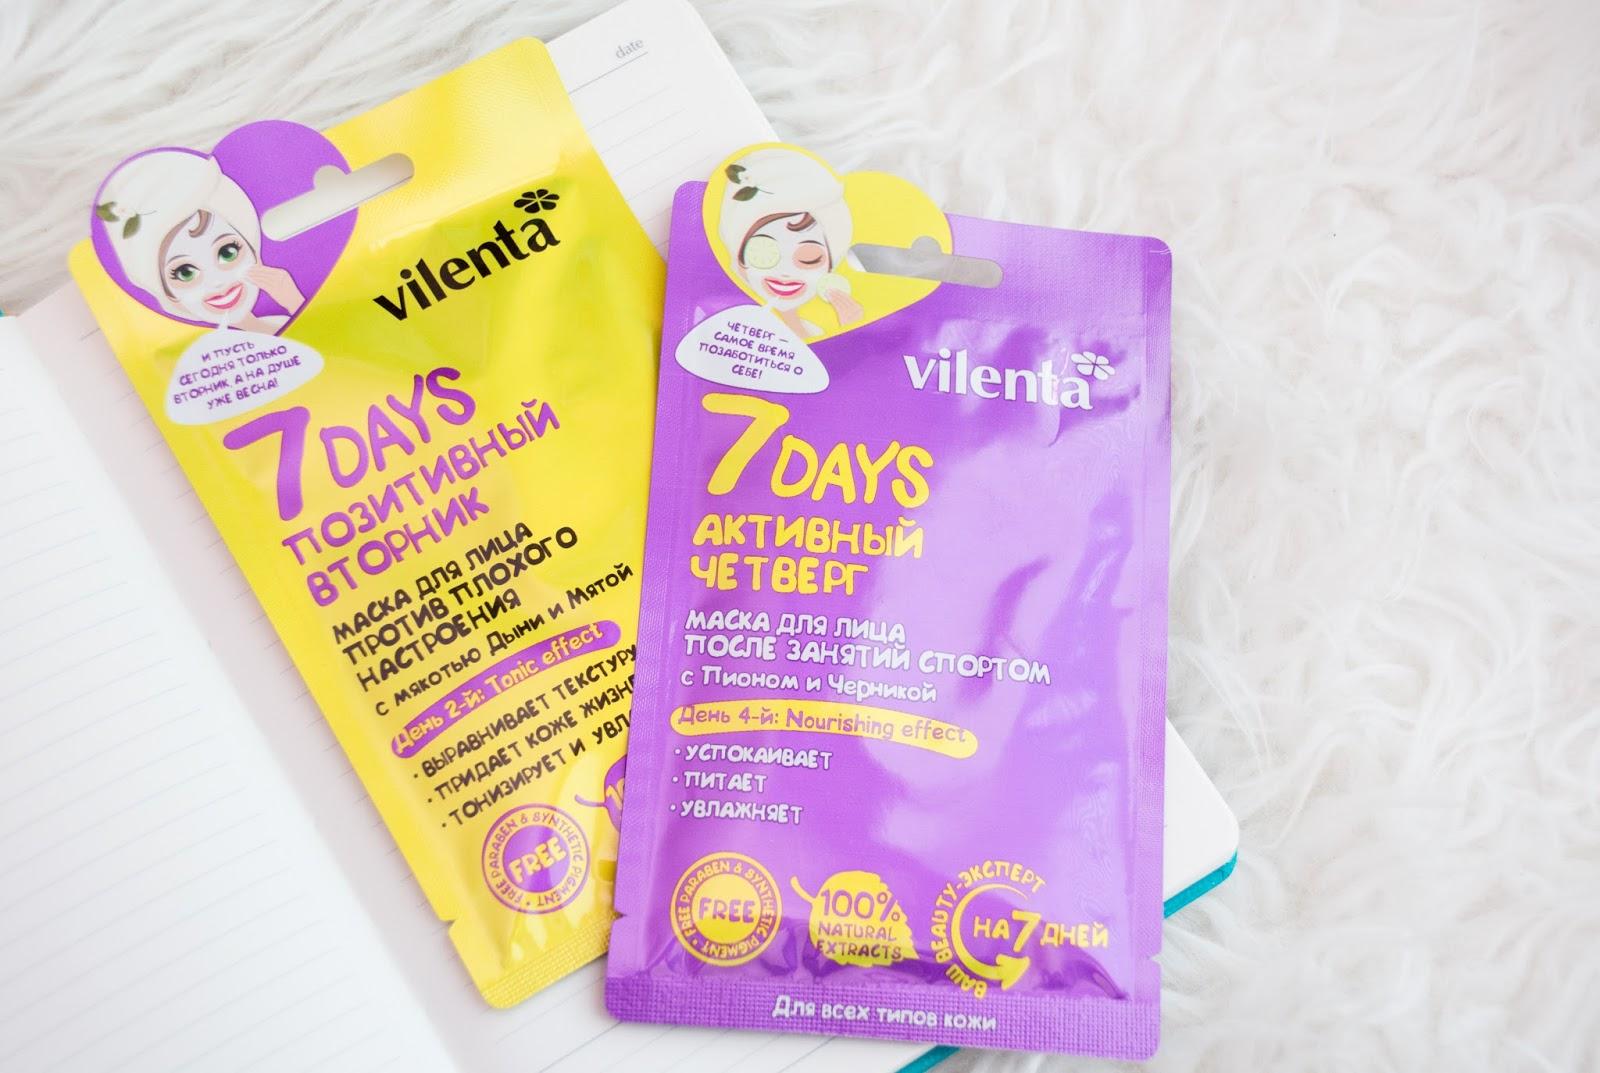 Тканевые маски для лица Vilenta 7 Days отзывы